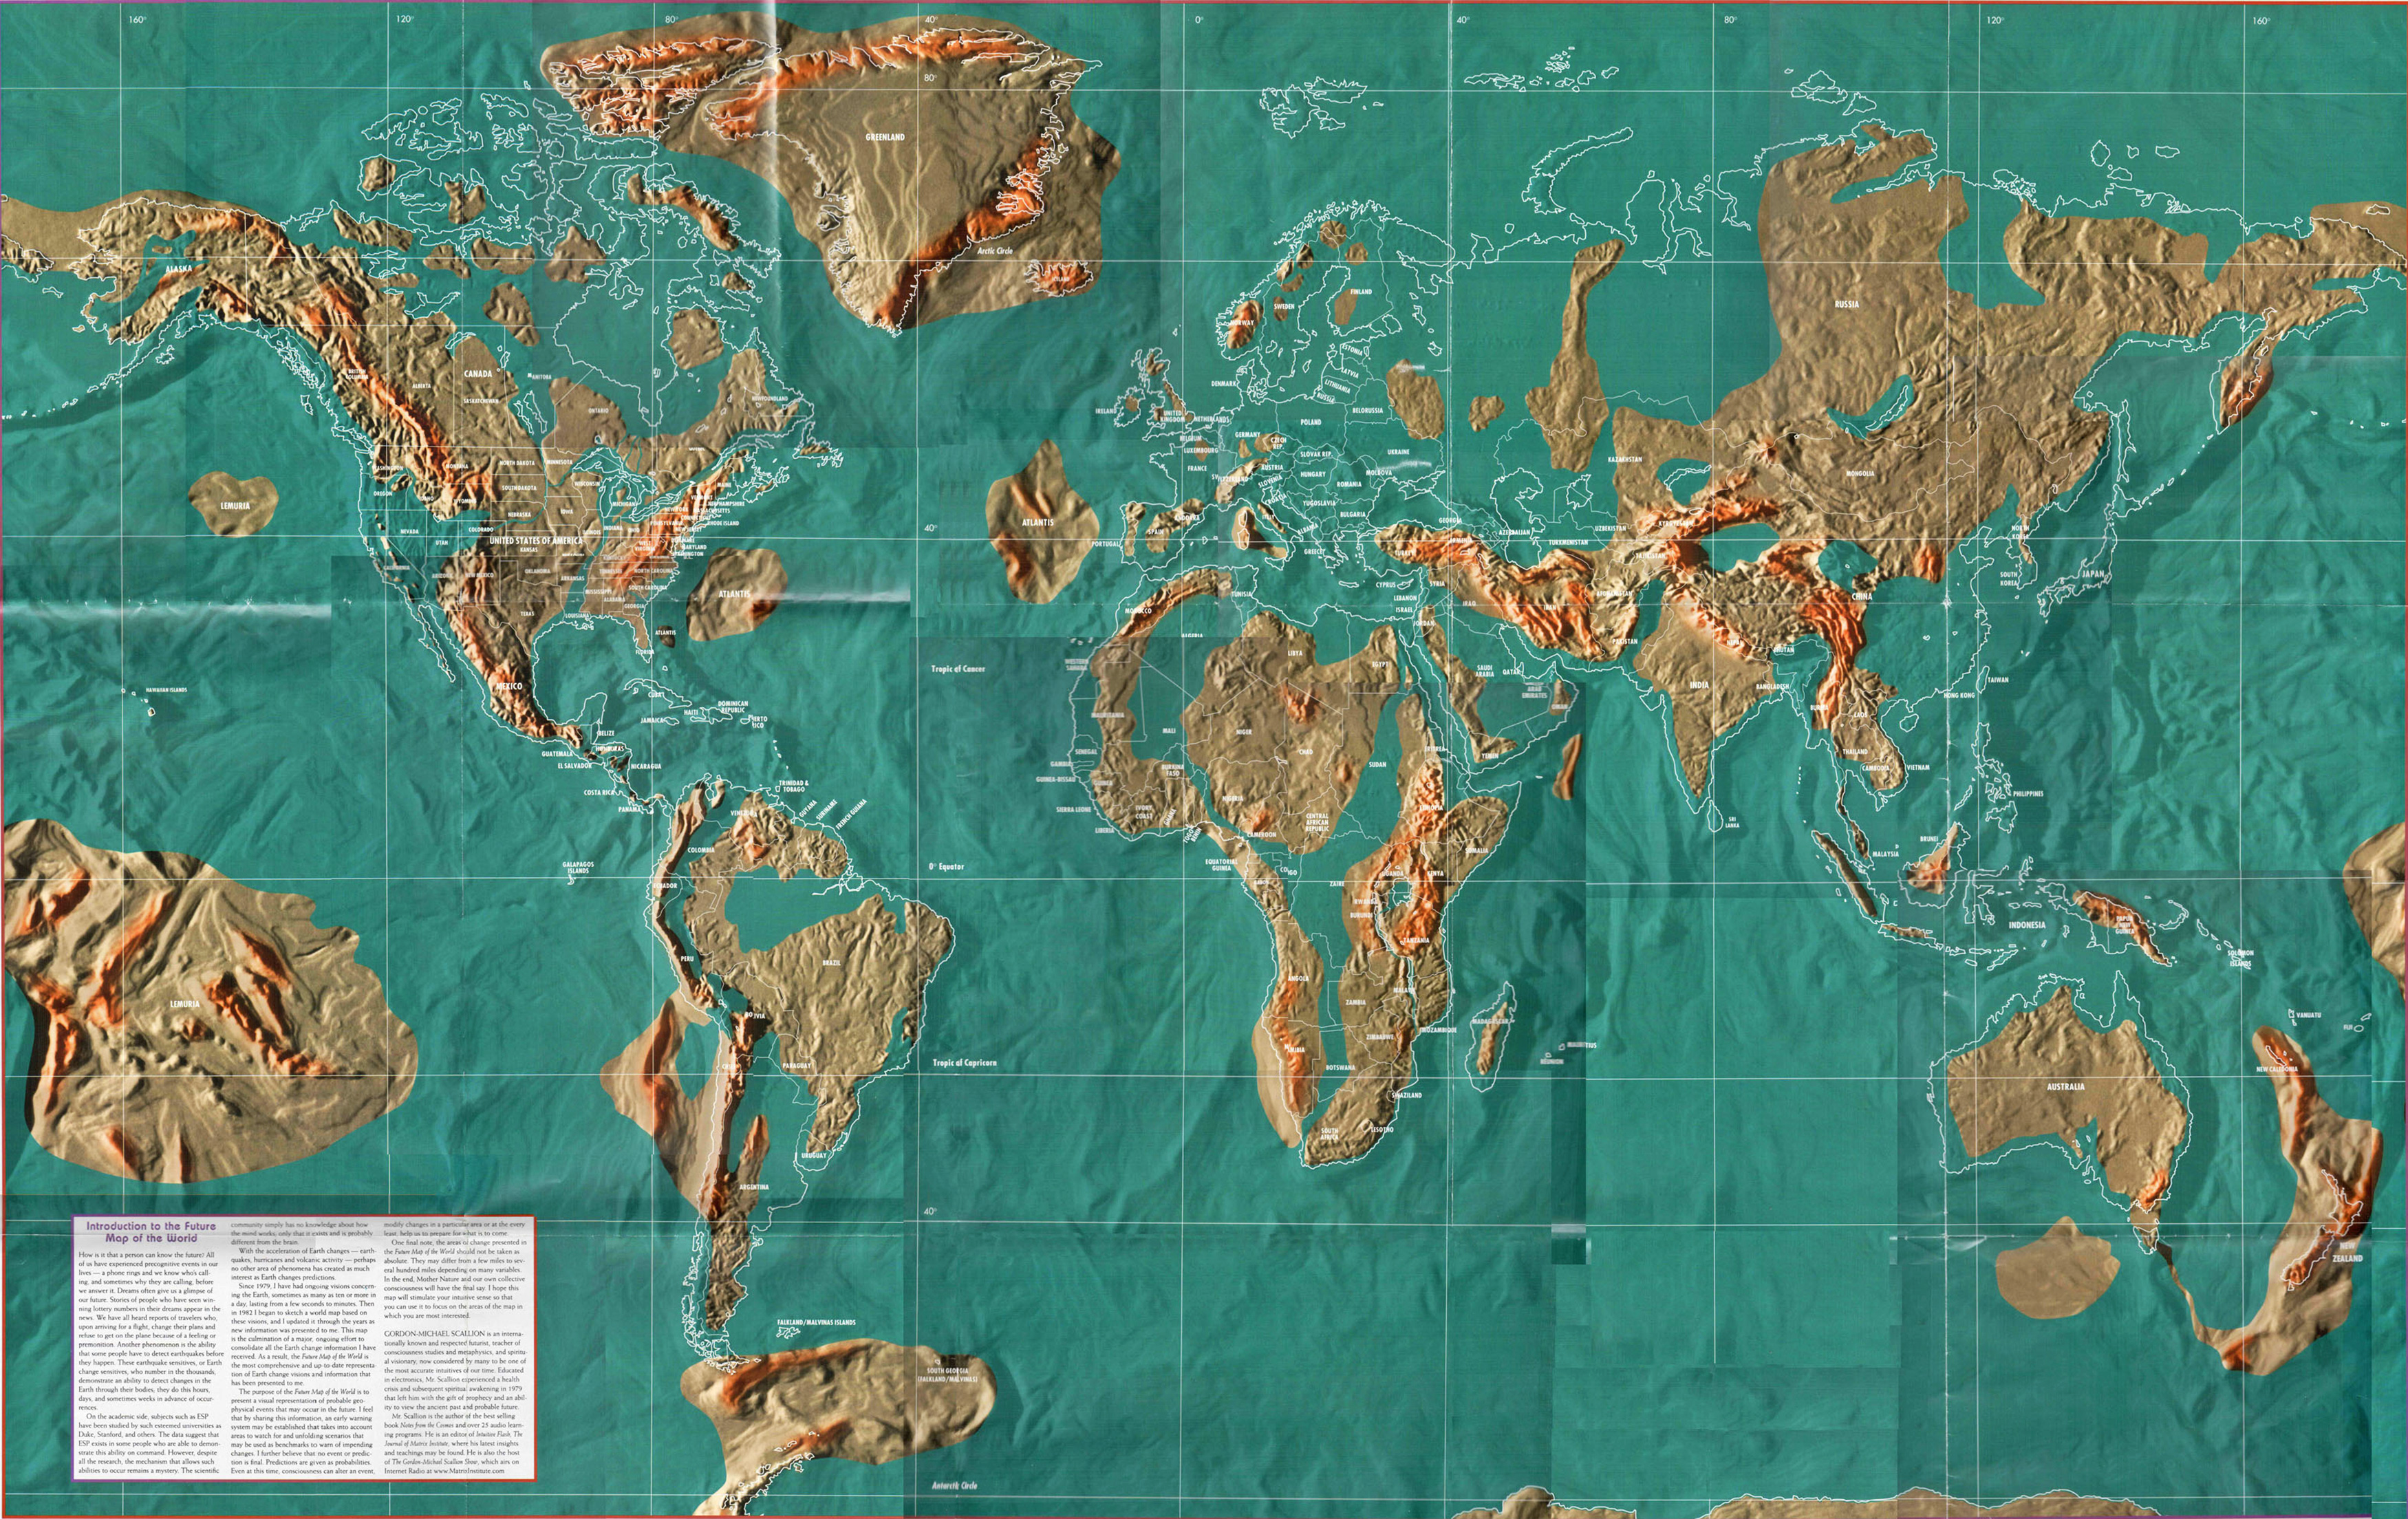 Die zukünftige Weltkarte: Mögliche Erdveränderungen | PRAVDA TV ...